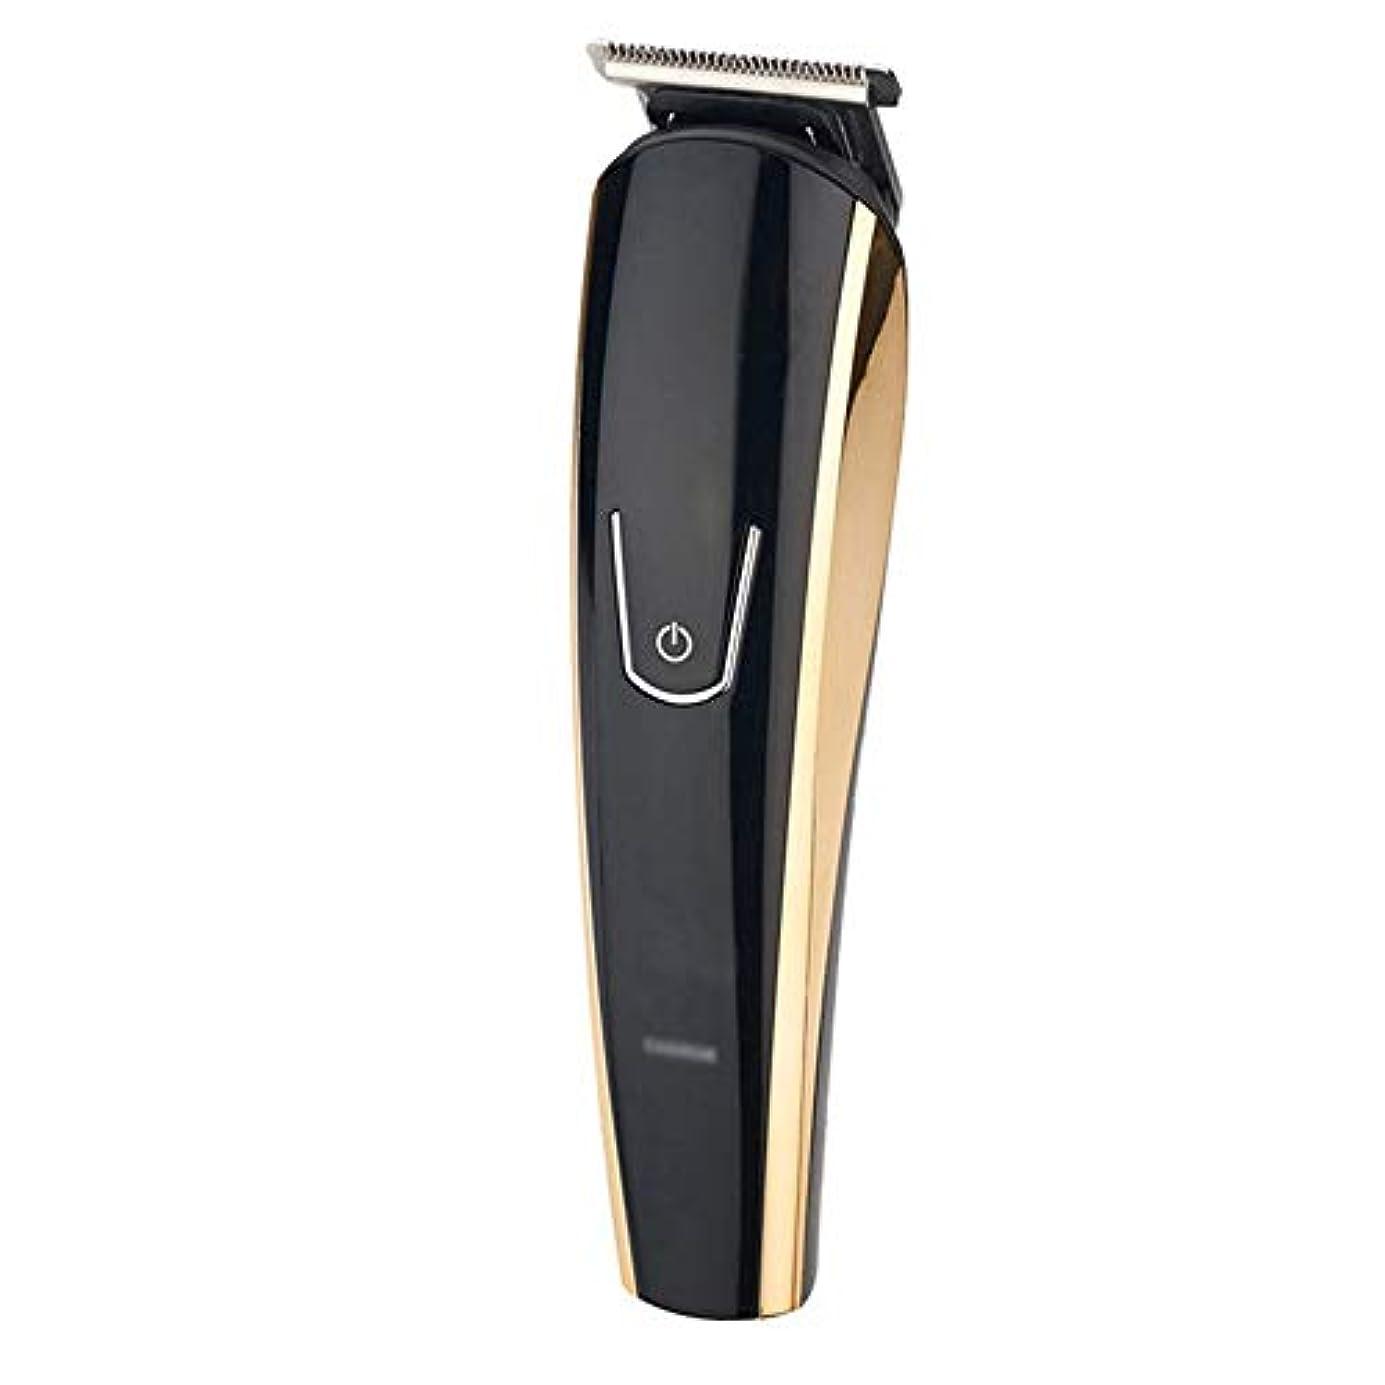 ペルセウス仲人解放するWAKABAFK 多機能5イン1バリカンusb充電式電動ヘアカッターヘアカッティングマシン理髪かみそり